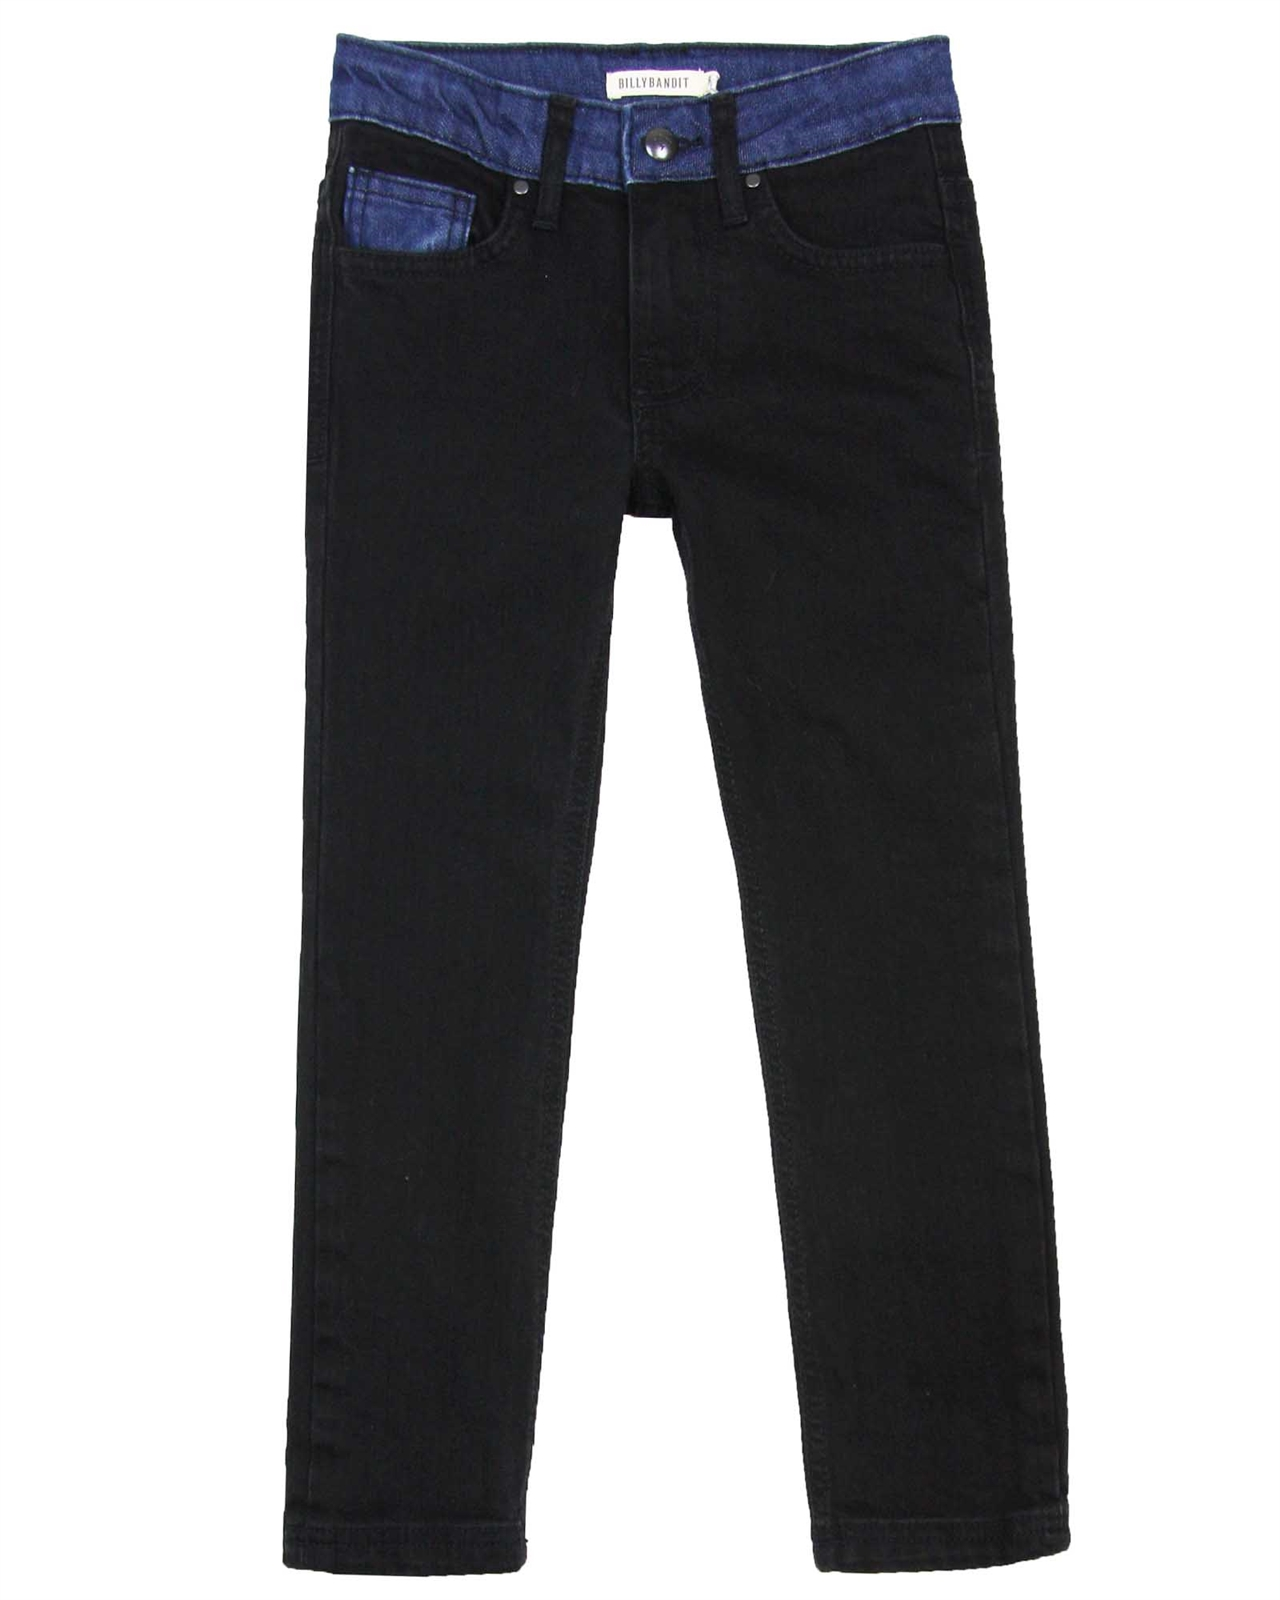 Billy Bandit Boys Pantalon Trouser